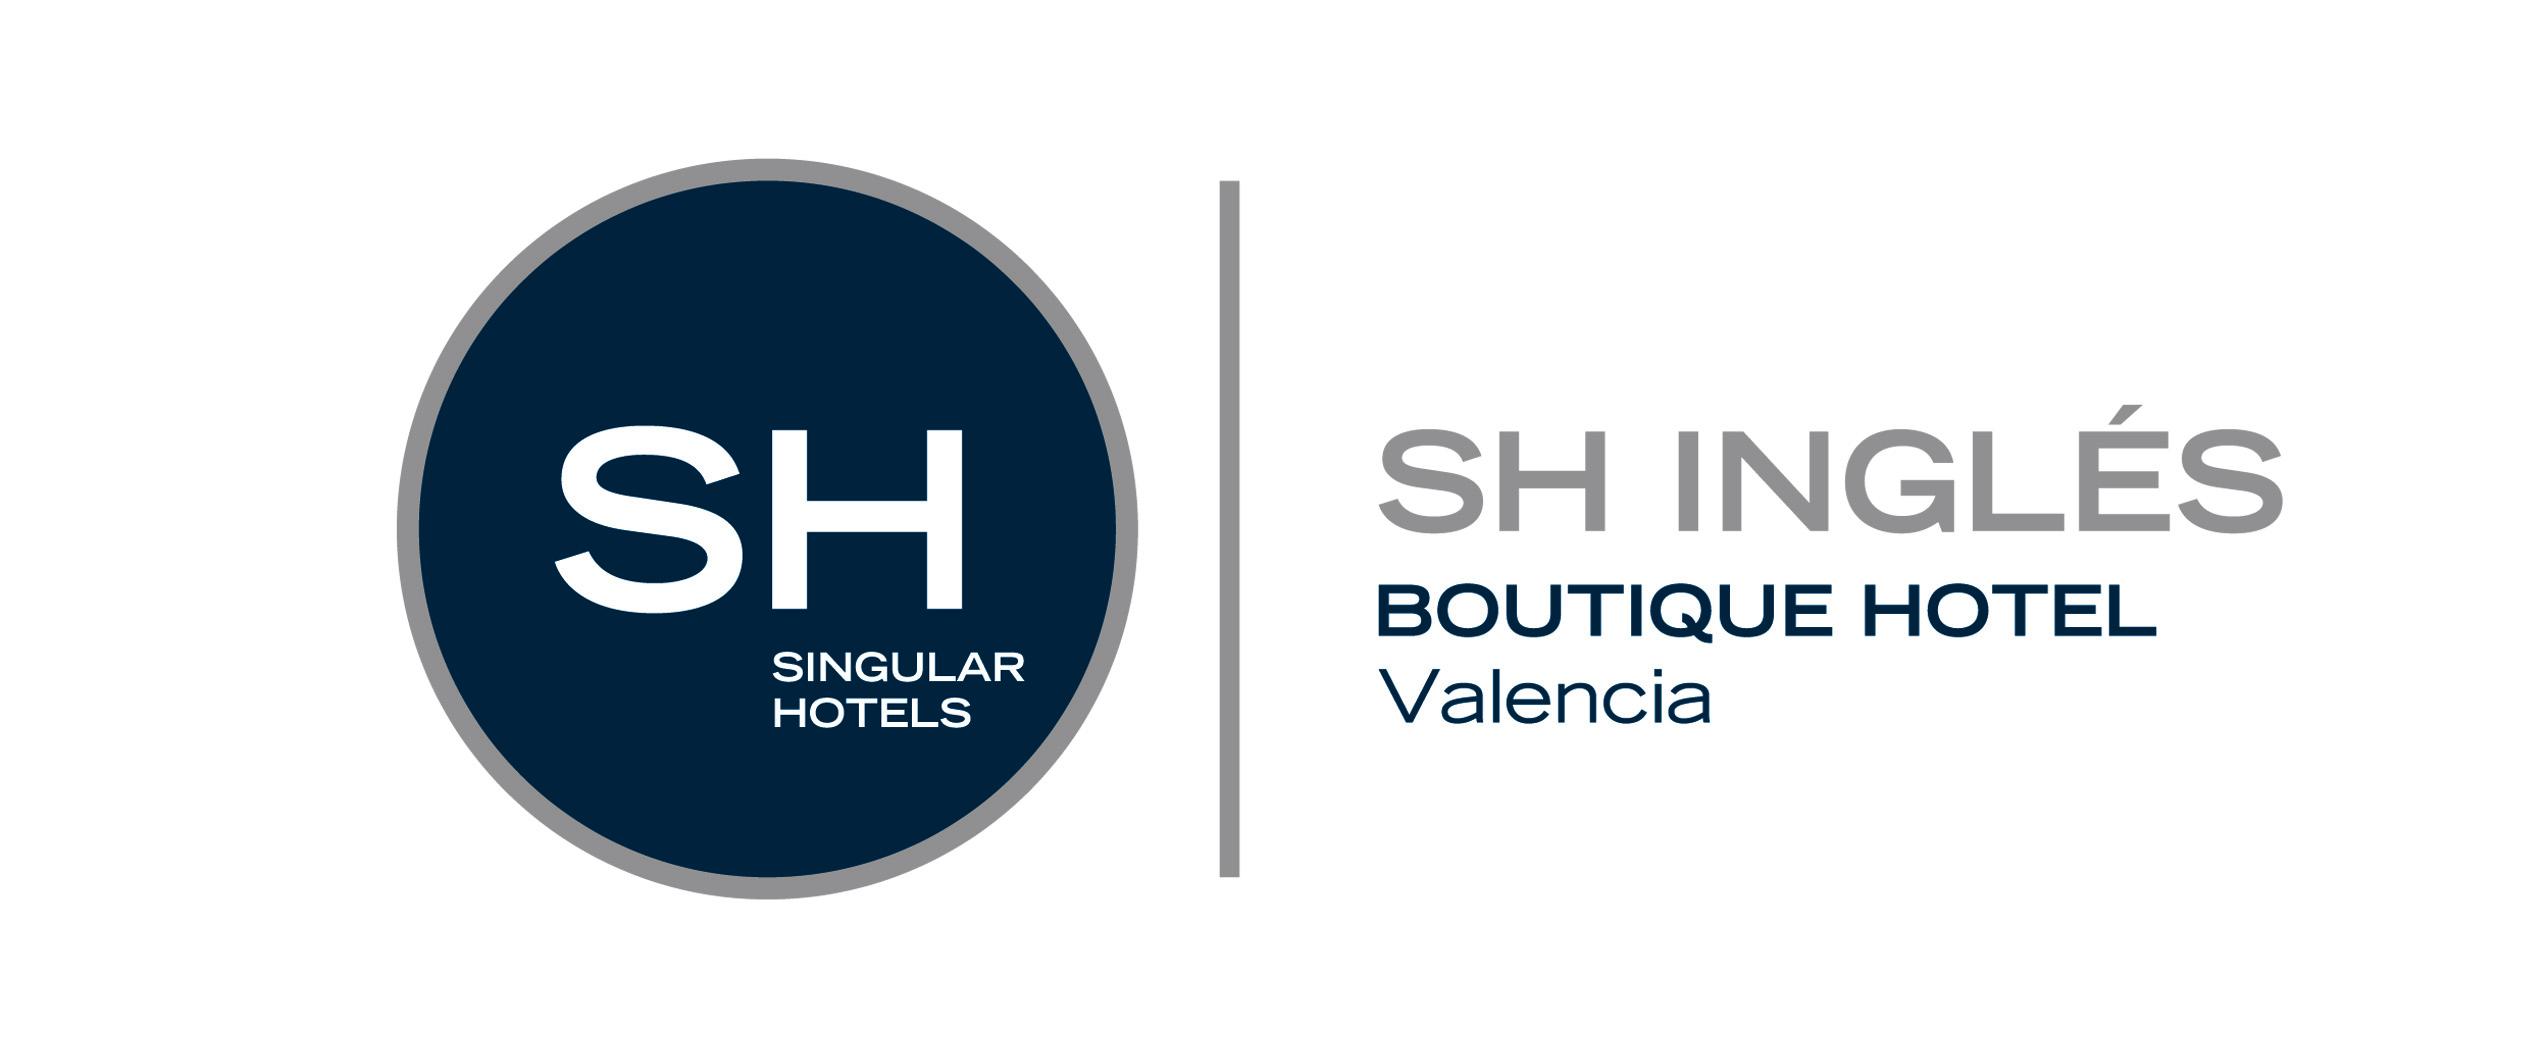 Logo Sh ingles